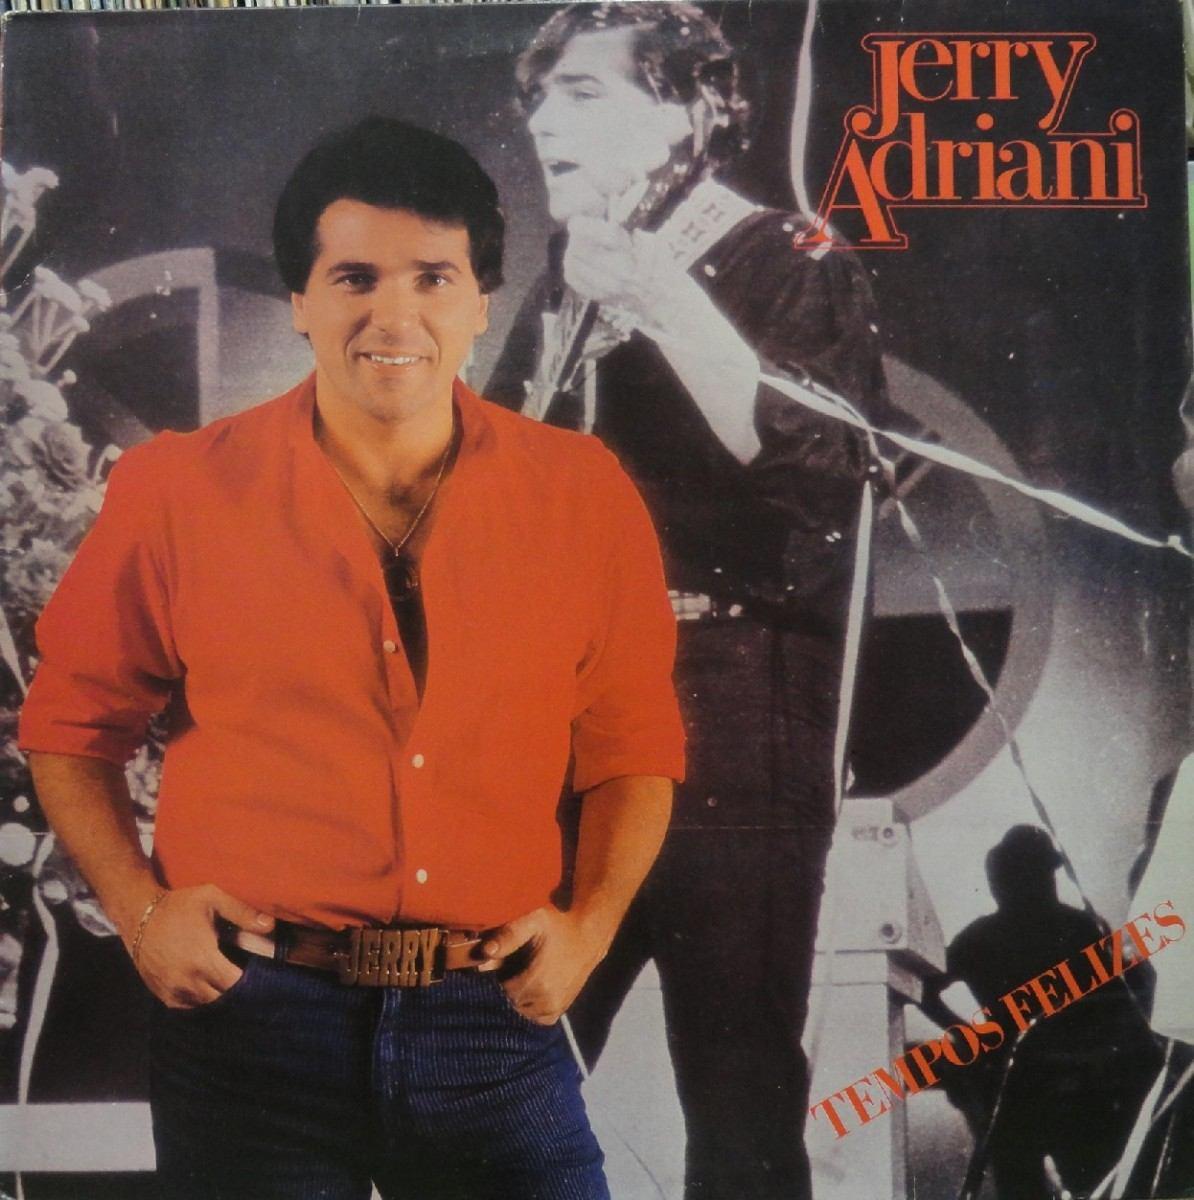 Resultado de imagem para jerry adriani